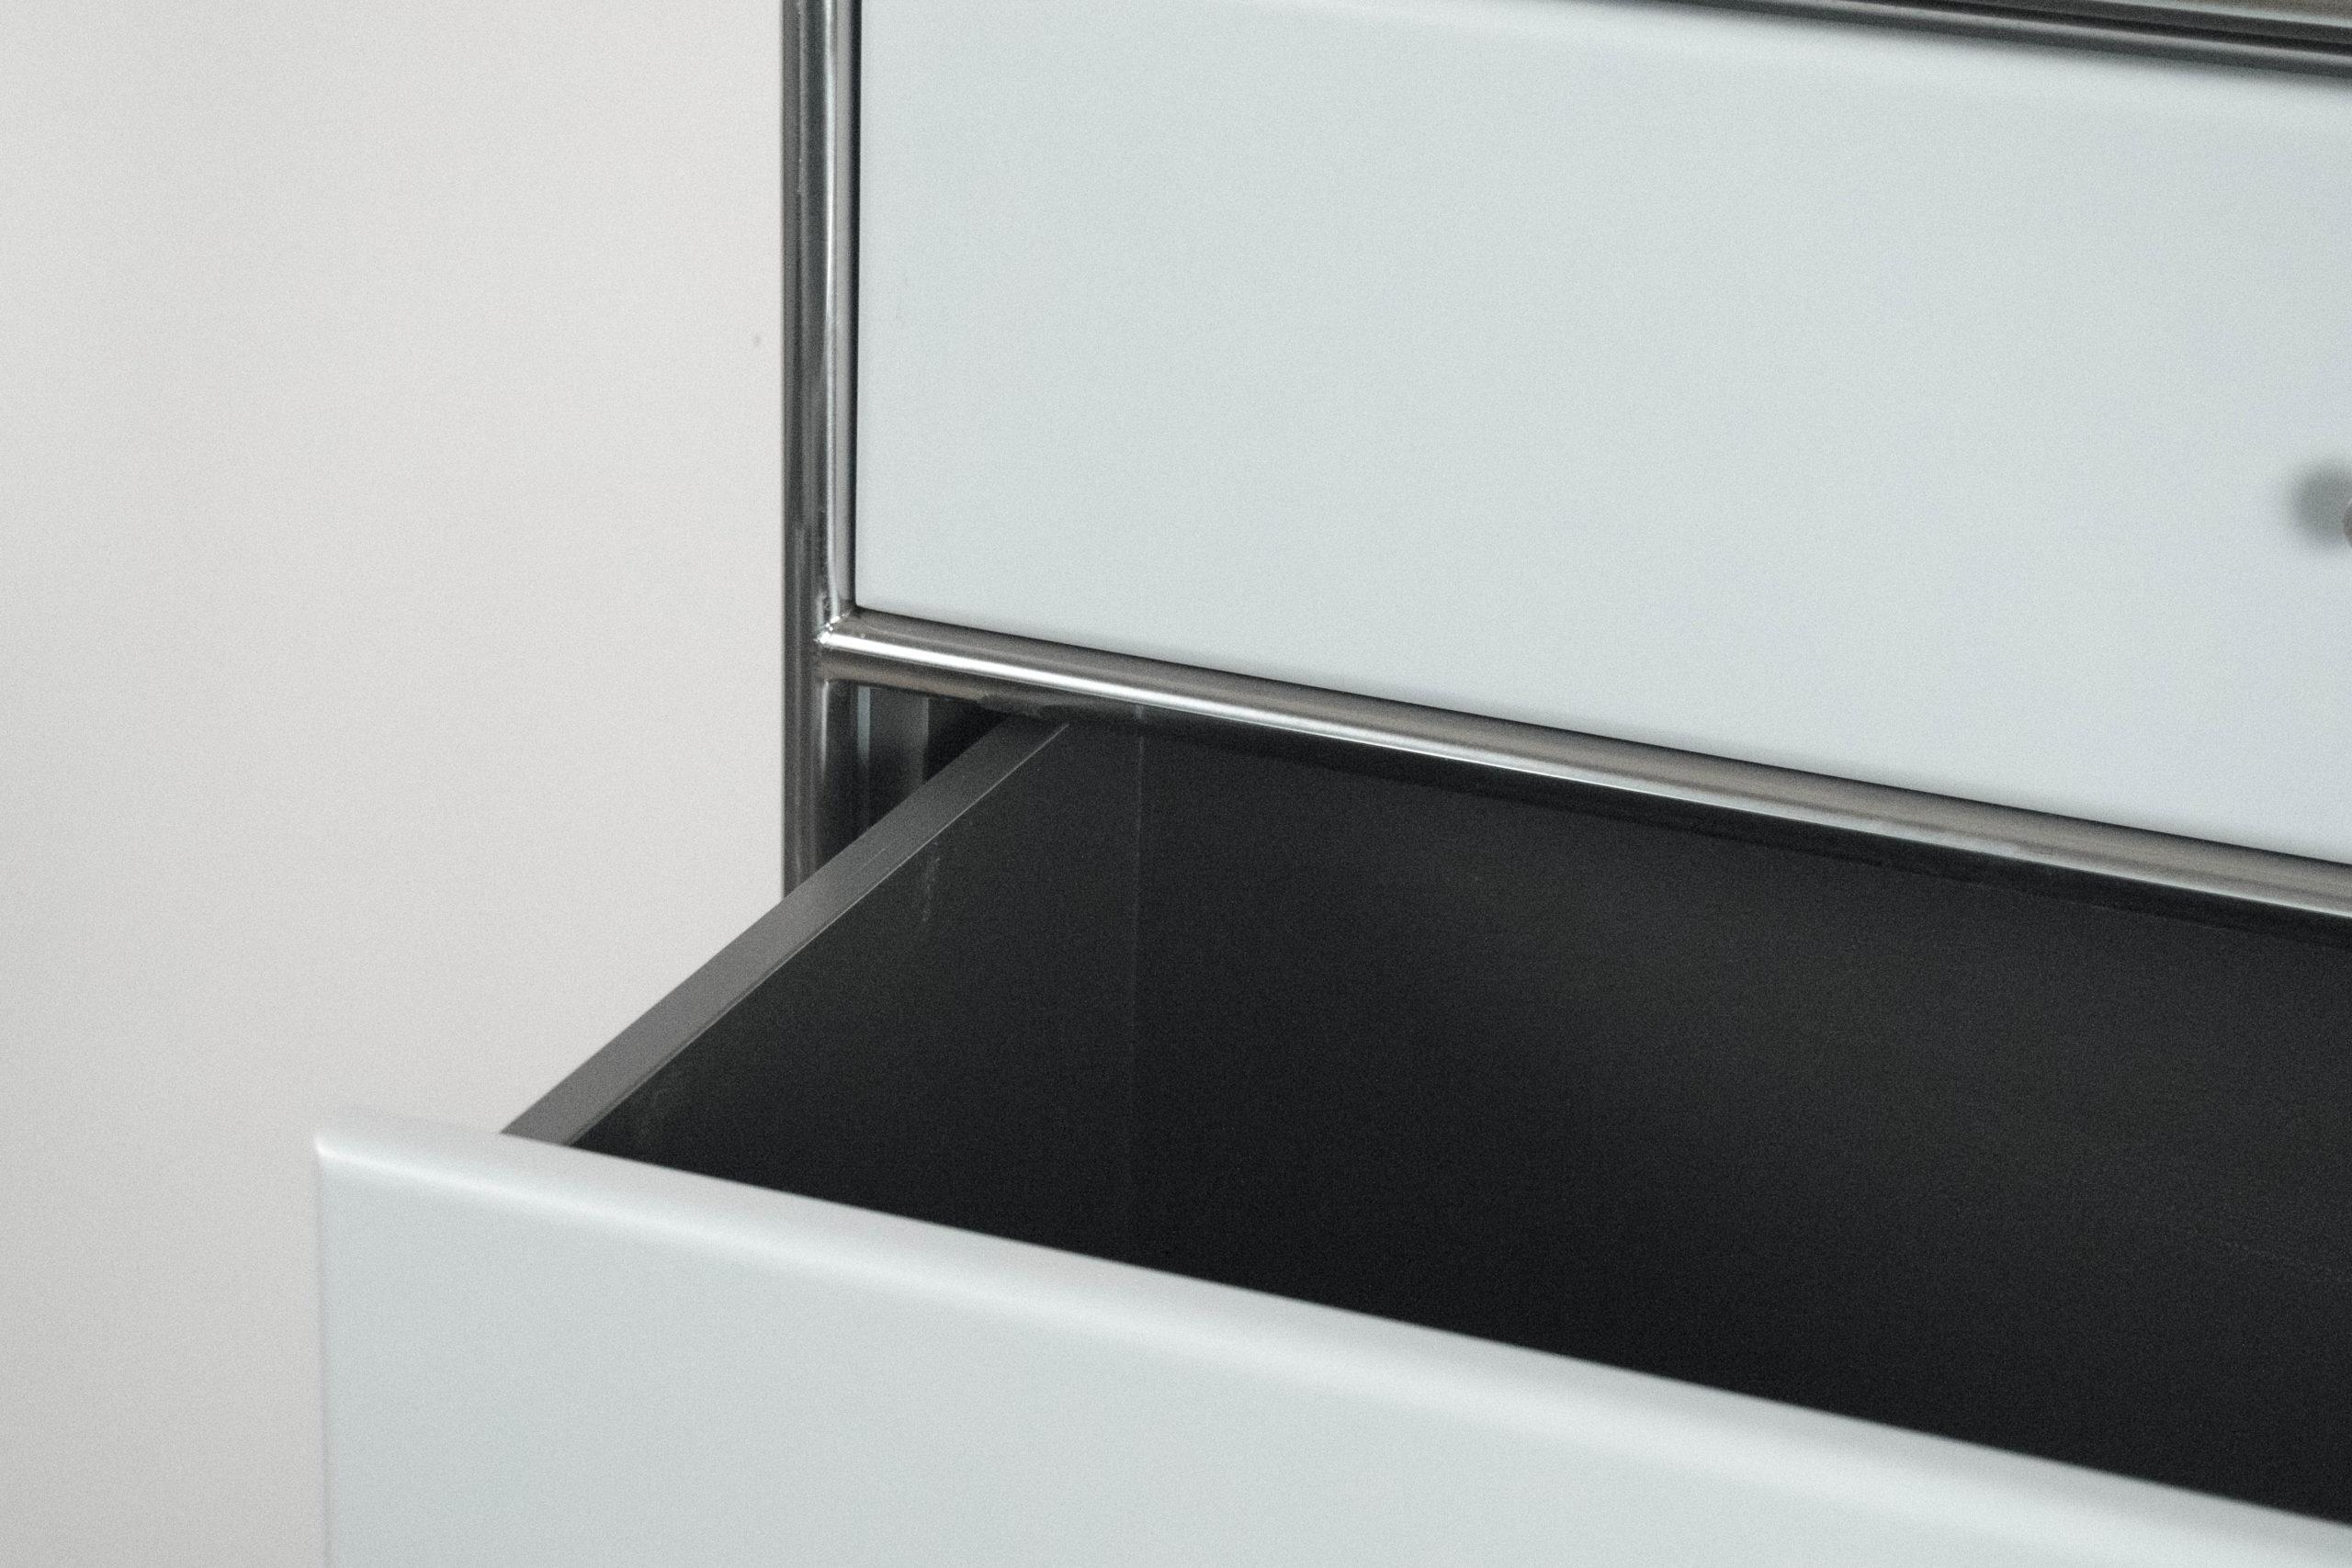 detalle de cajon puerta abierta colo negro gris inox